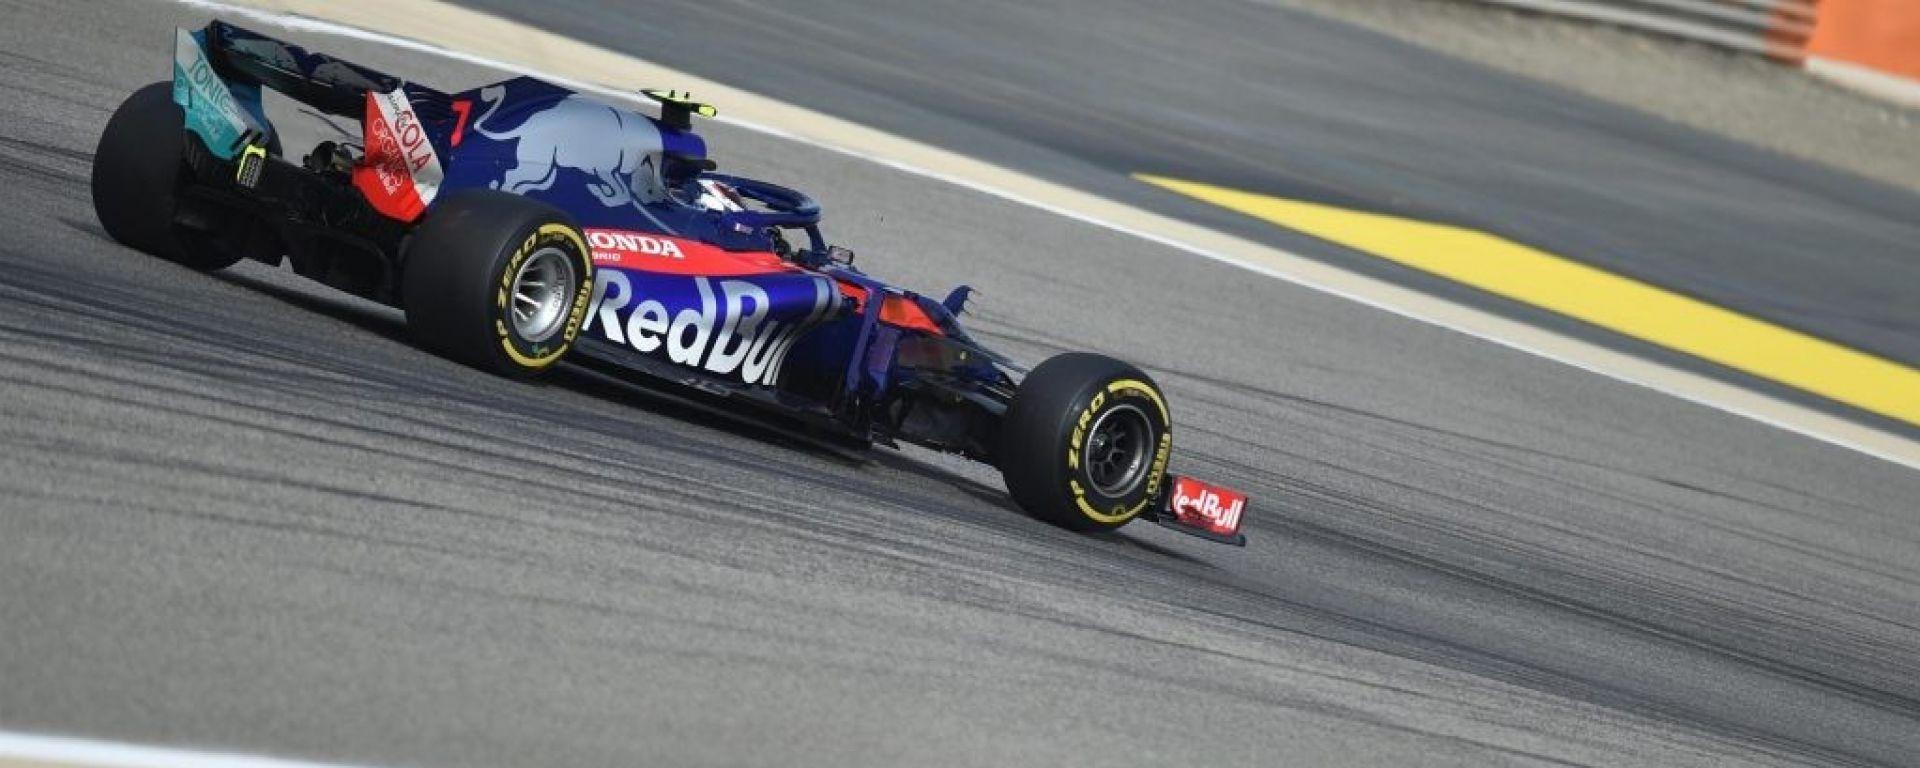 F1 GP Bahrain 2018, tutte le info: orari, risultati prove, qualifiche e gara